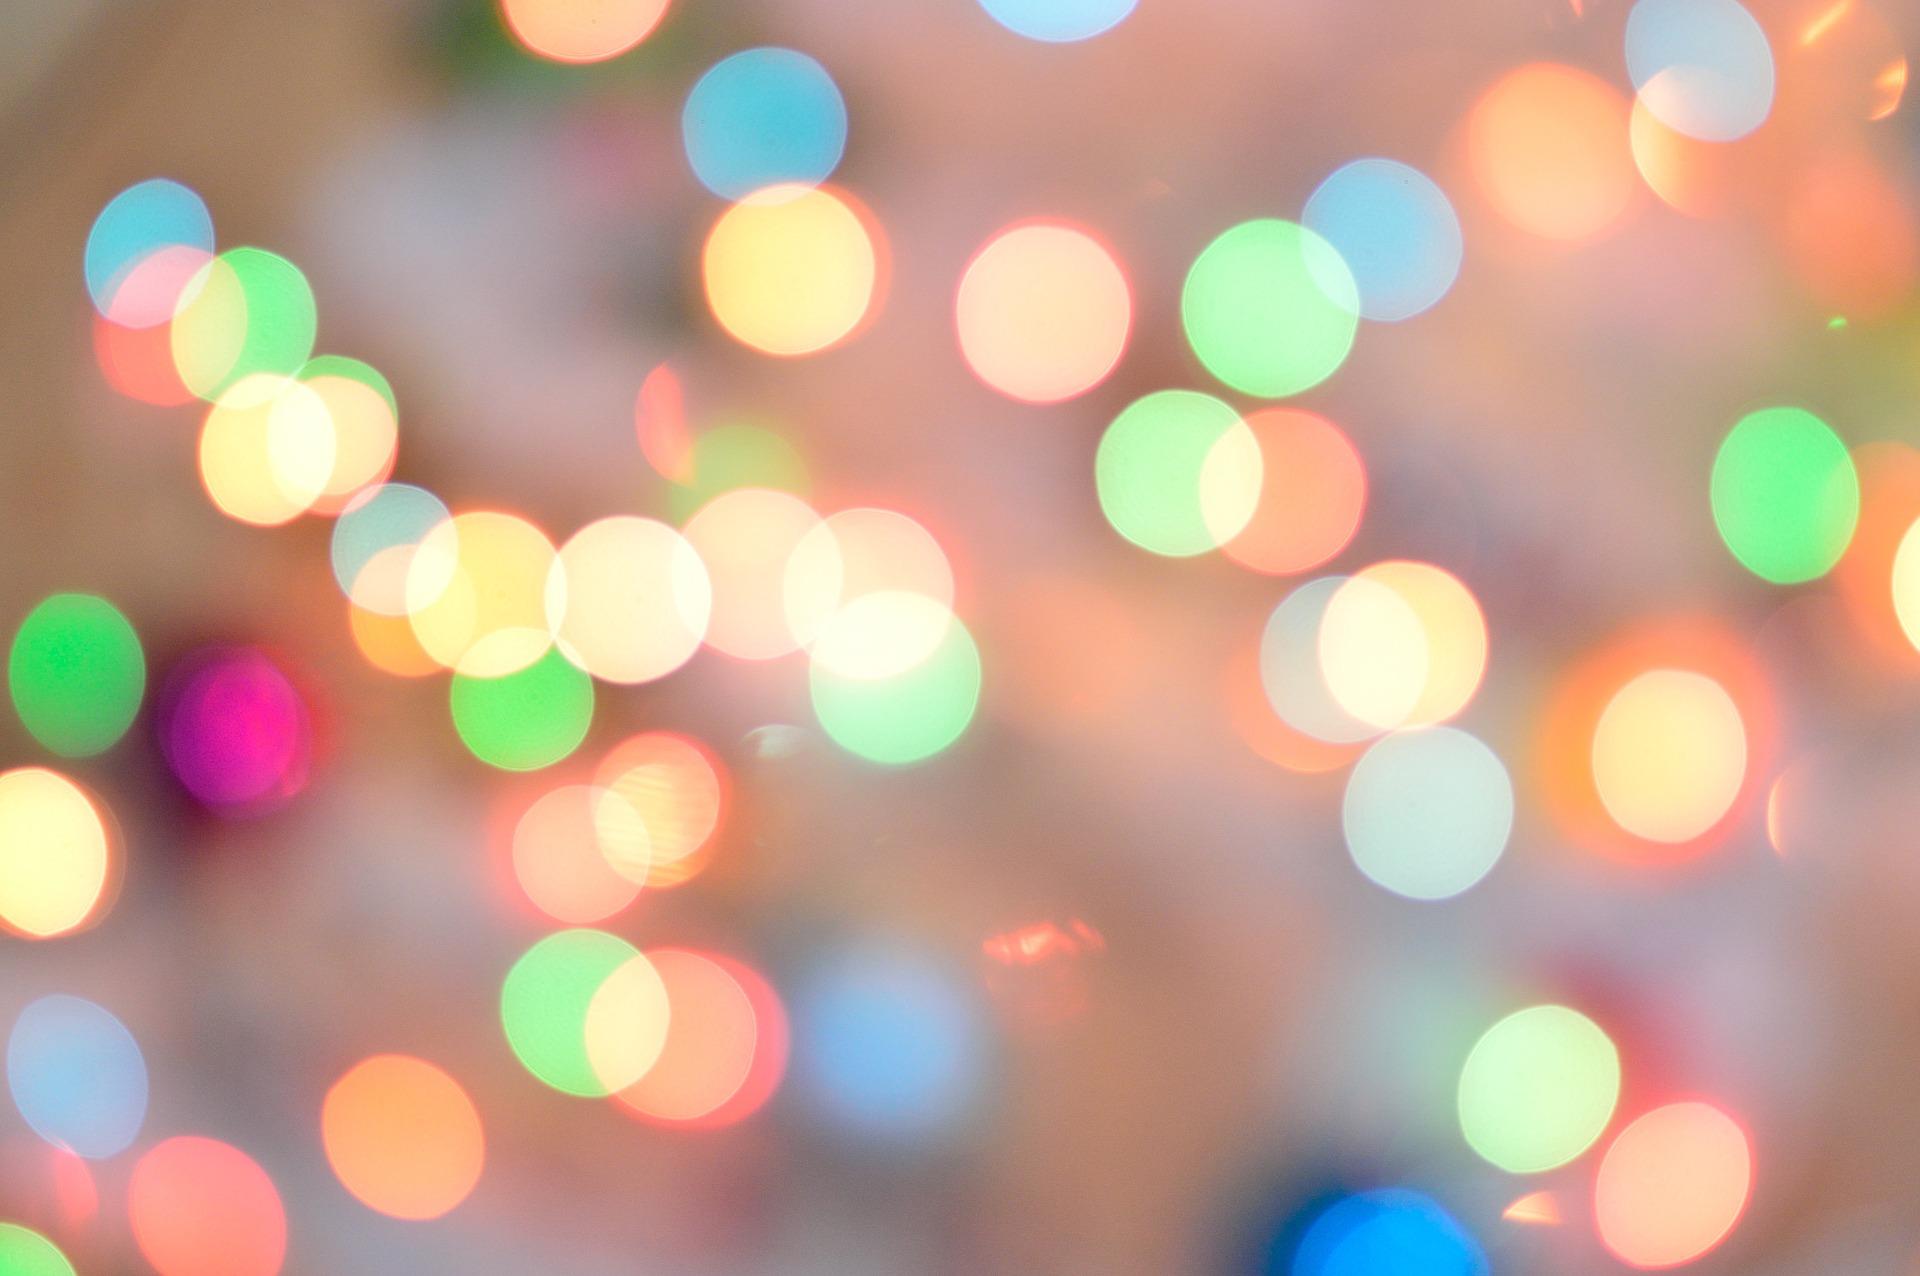 Lens Flares & Bokeh – Bring deine Fotografie auf ein neues Level